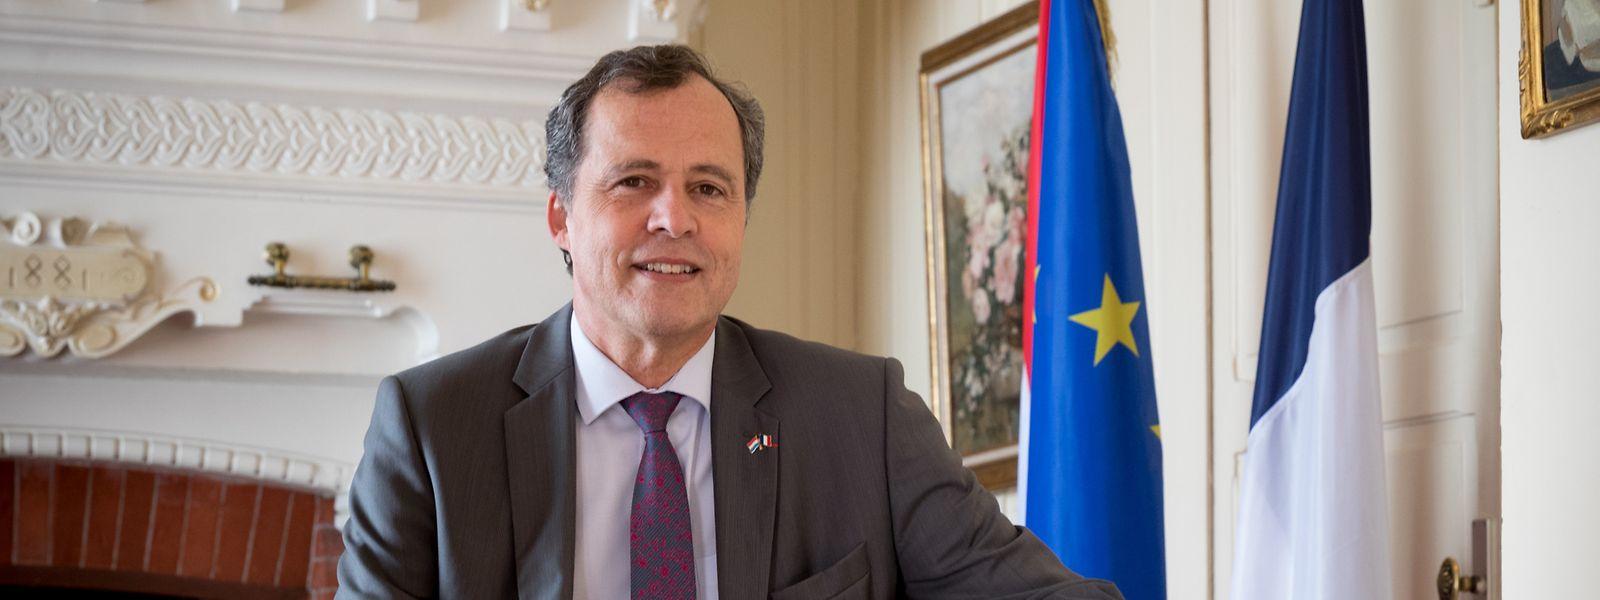 L'ambassadeur de France, Bruno Perdu, est en poste depuis deux ans.